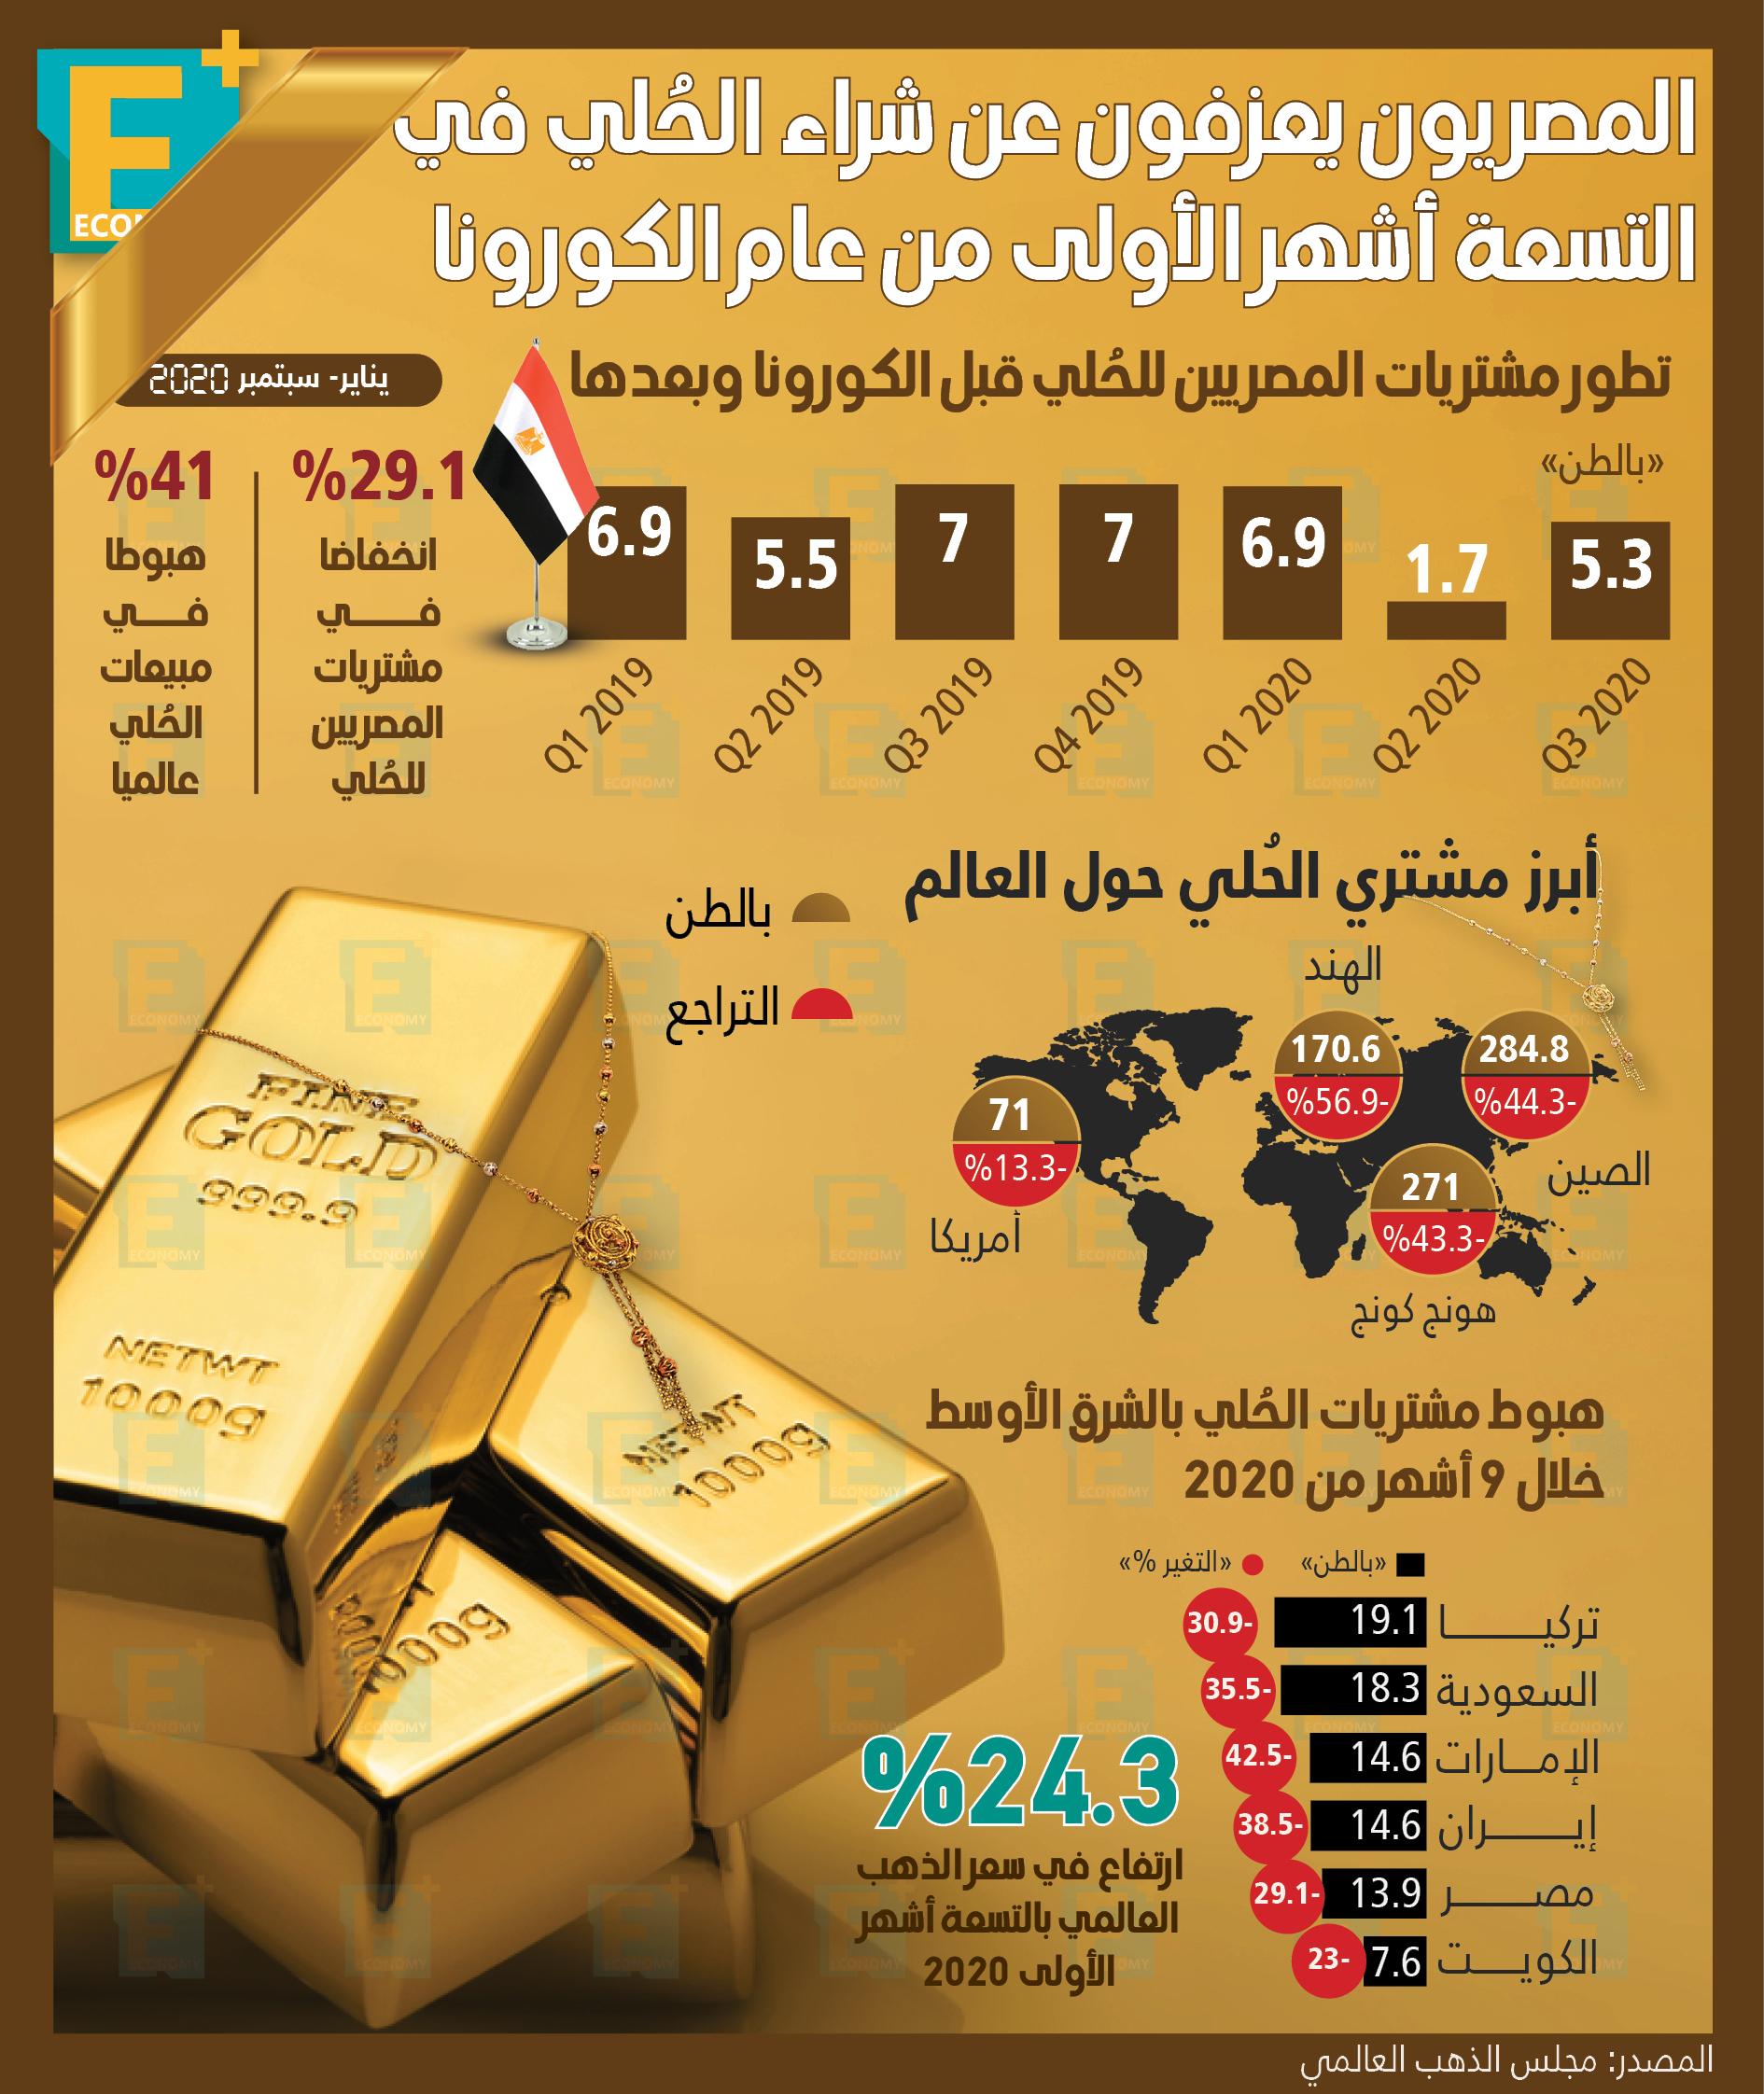 المصريون يعزفون عن شراء الحُلي في التسعة أشهر الأولى من عام الكورونا